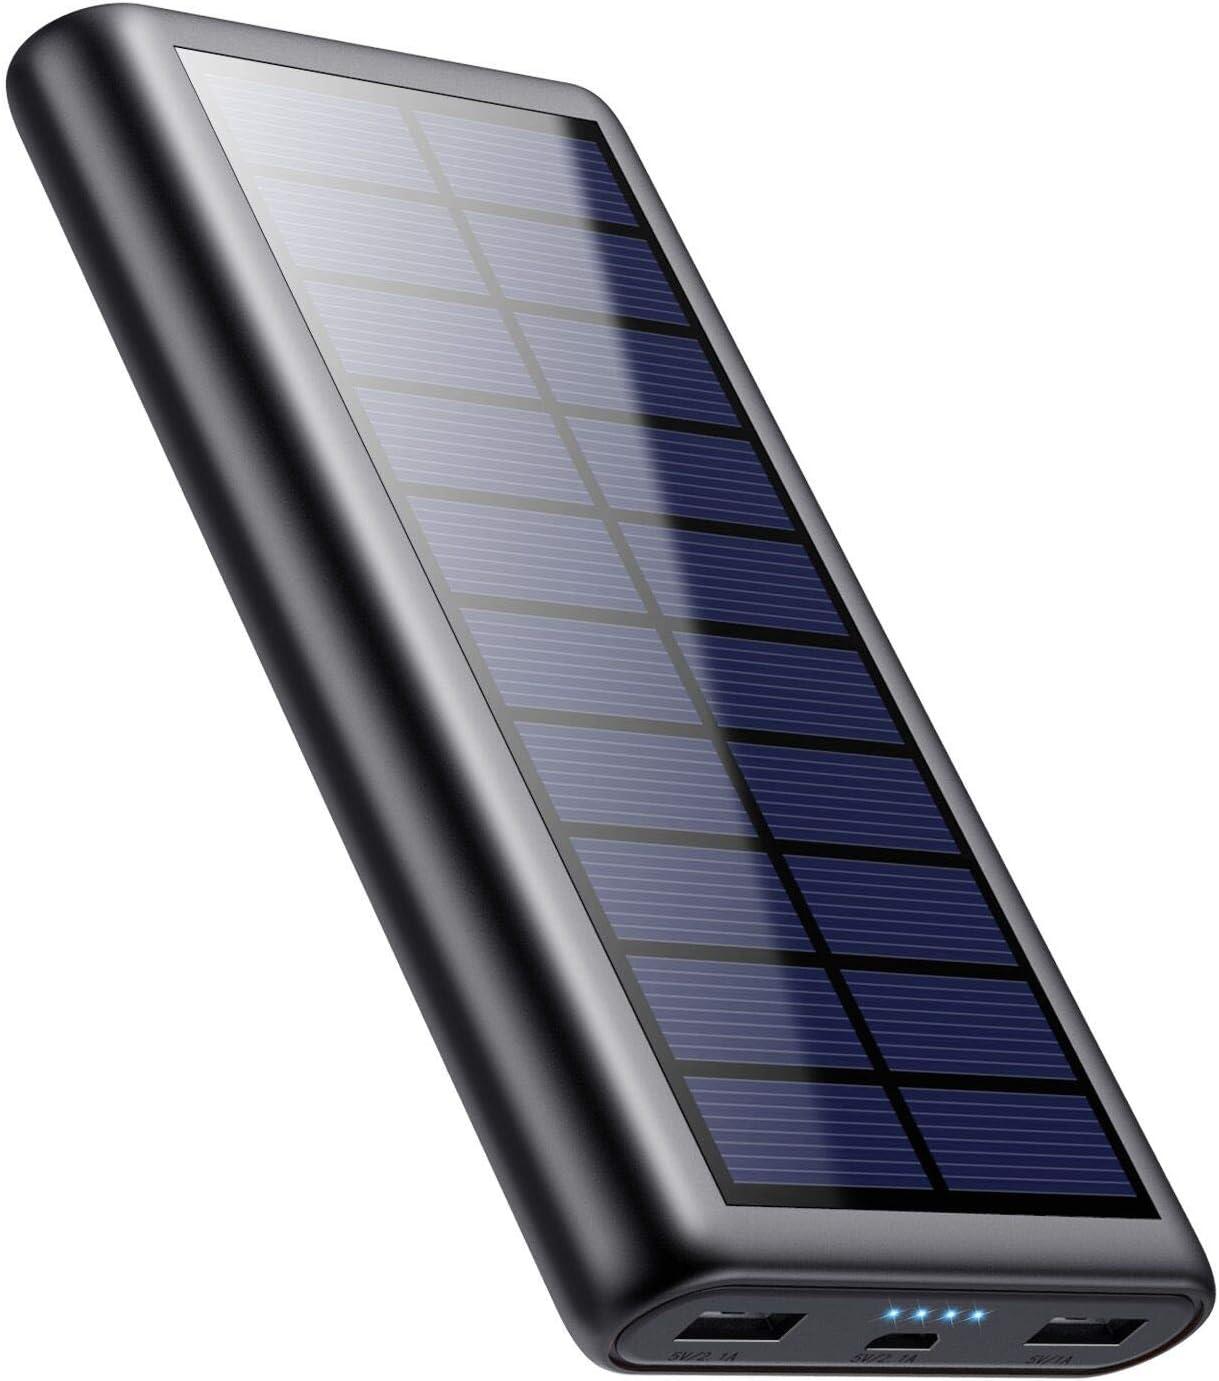 QTshine Solar Powerbank 26800 mAh, batería externa, cargador solar con 2 salidas compatible con todos los smartphones, tablets y dispositivos USB